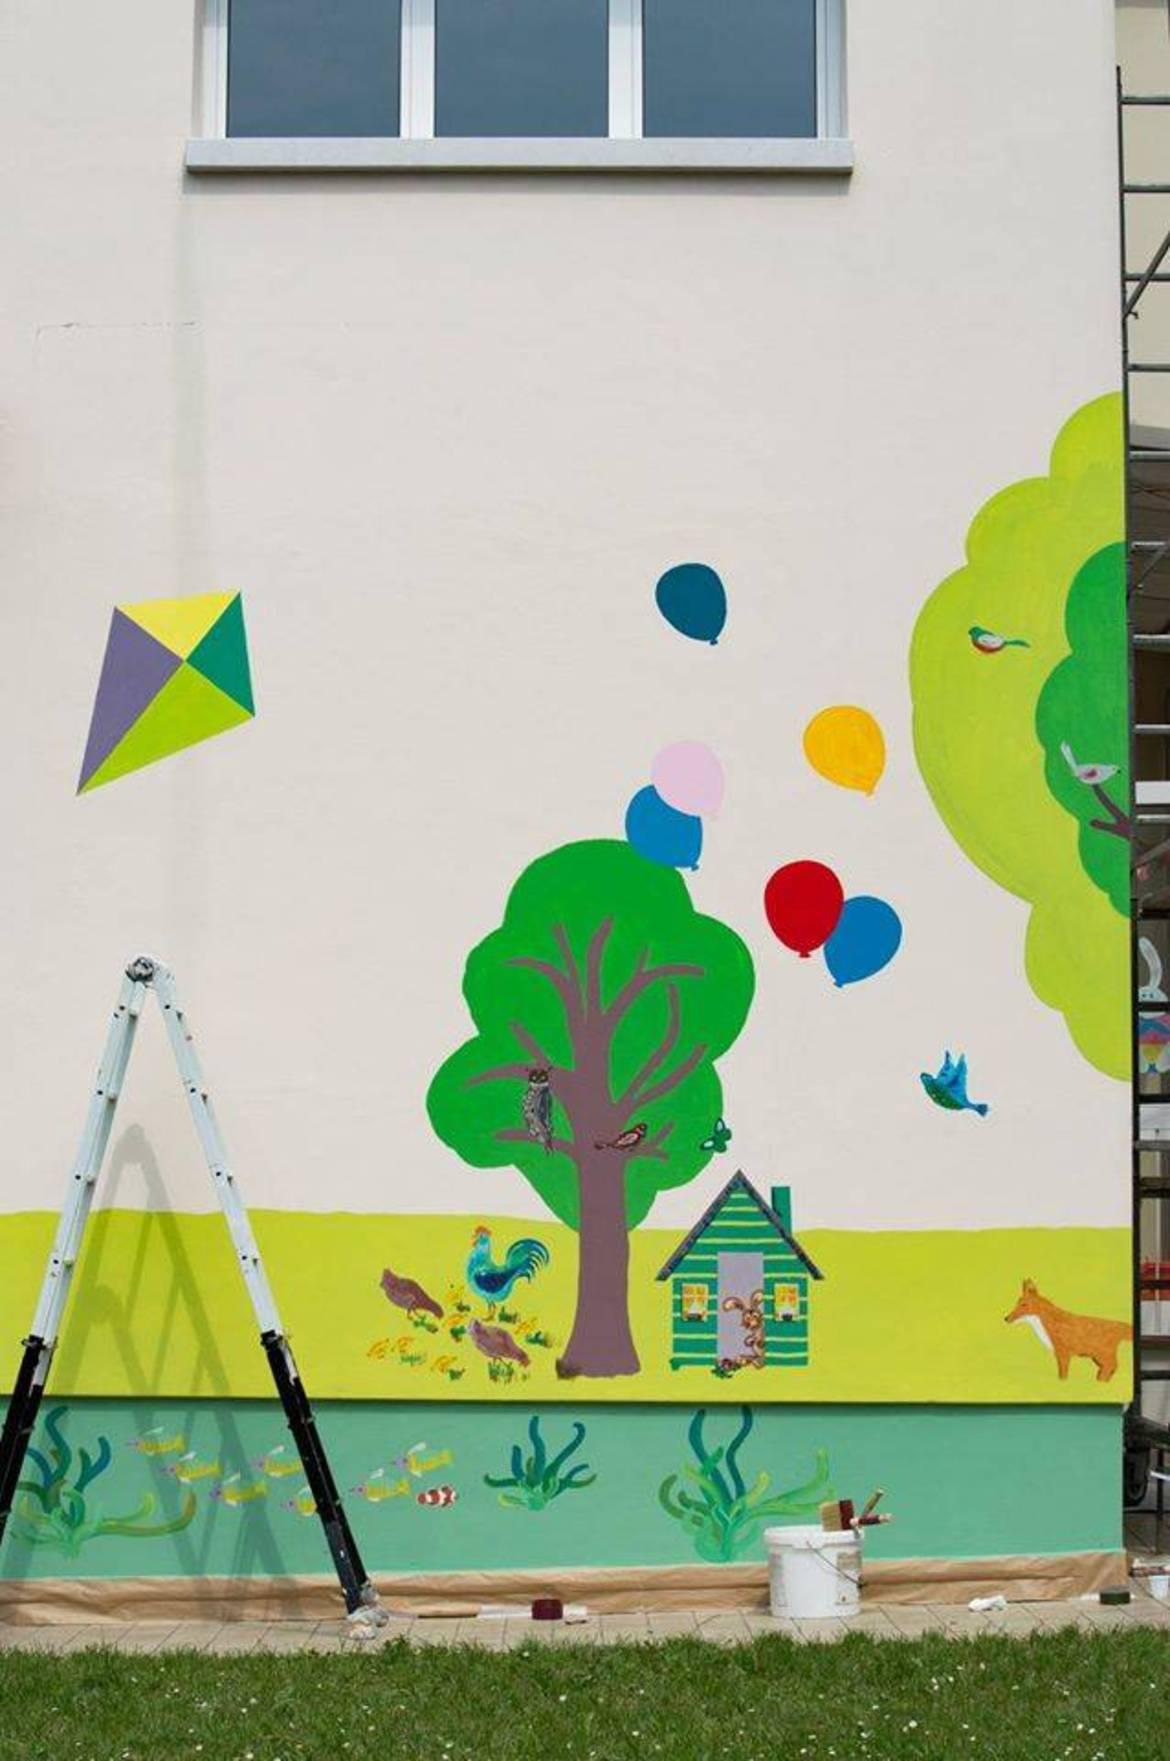 Solighetto decorati i muri esterni della materna foto - Muri esterni decorati ...